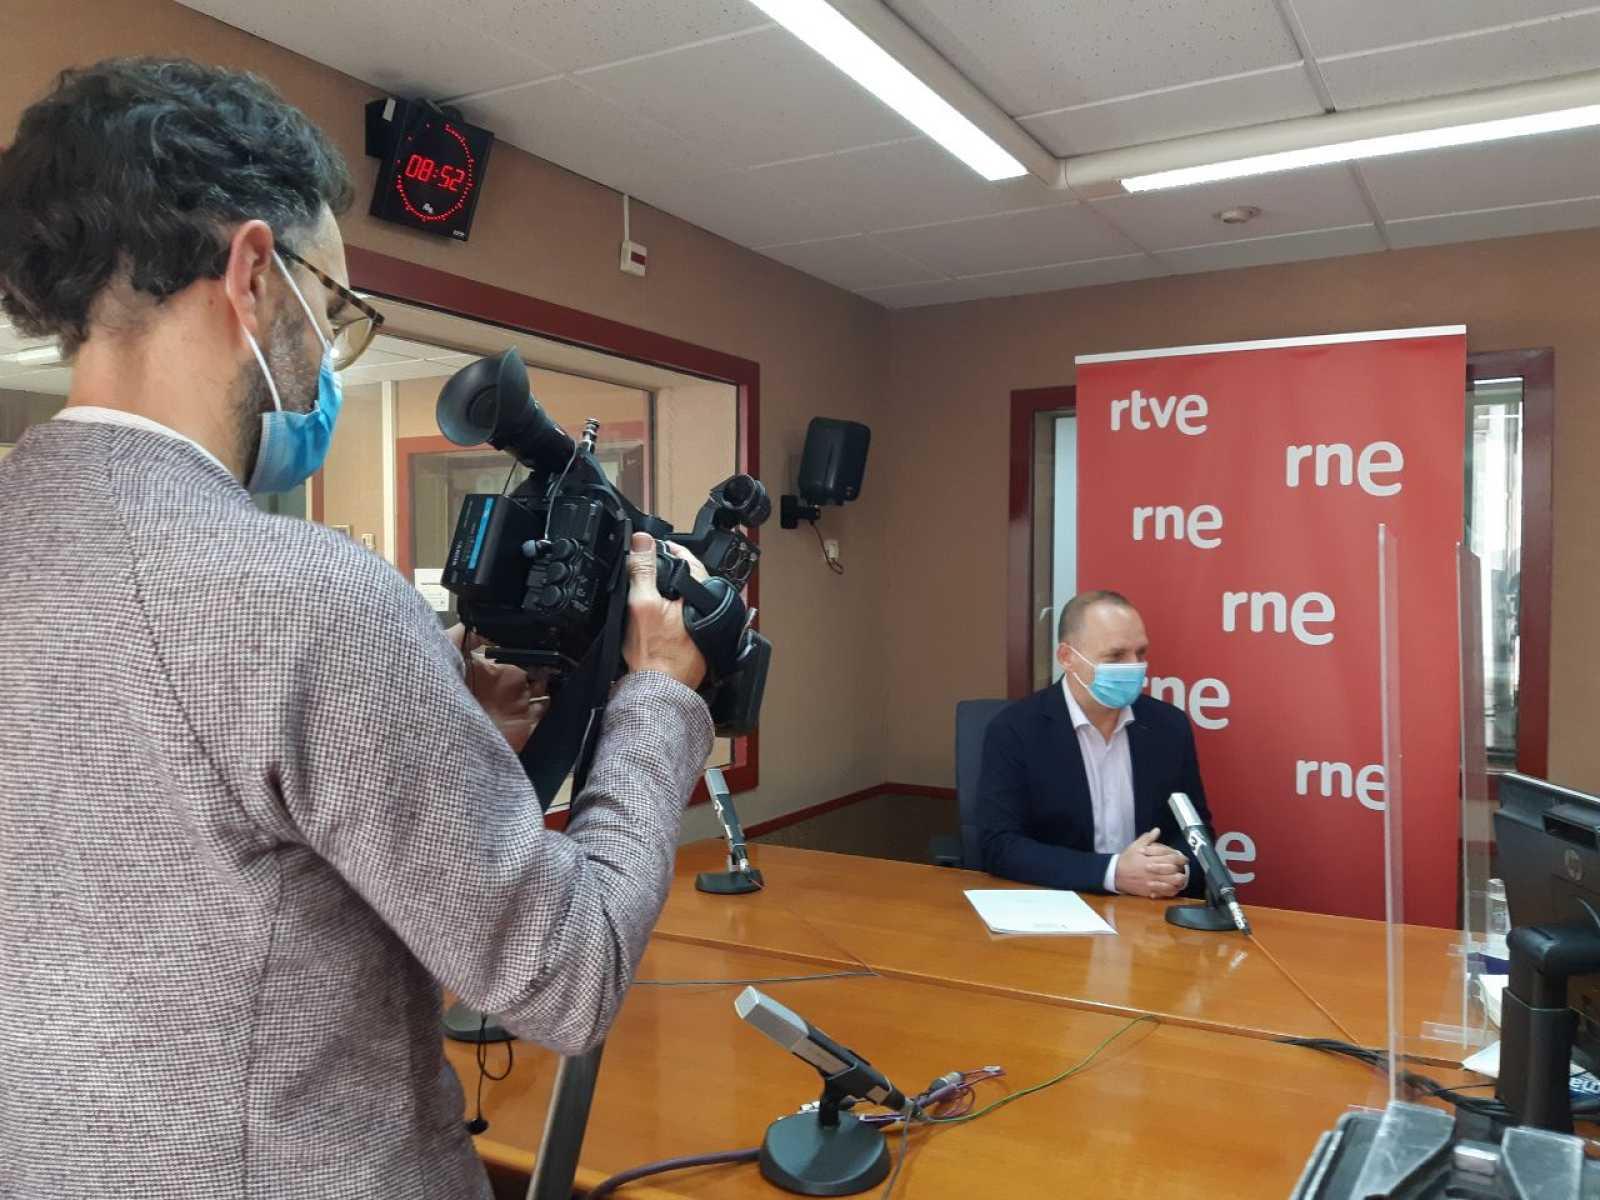 Dalmau: llega otro tiempo a Podemos - 05/05/21 - Escuchar ahora